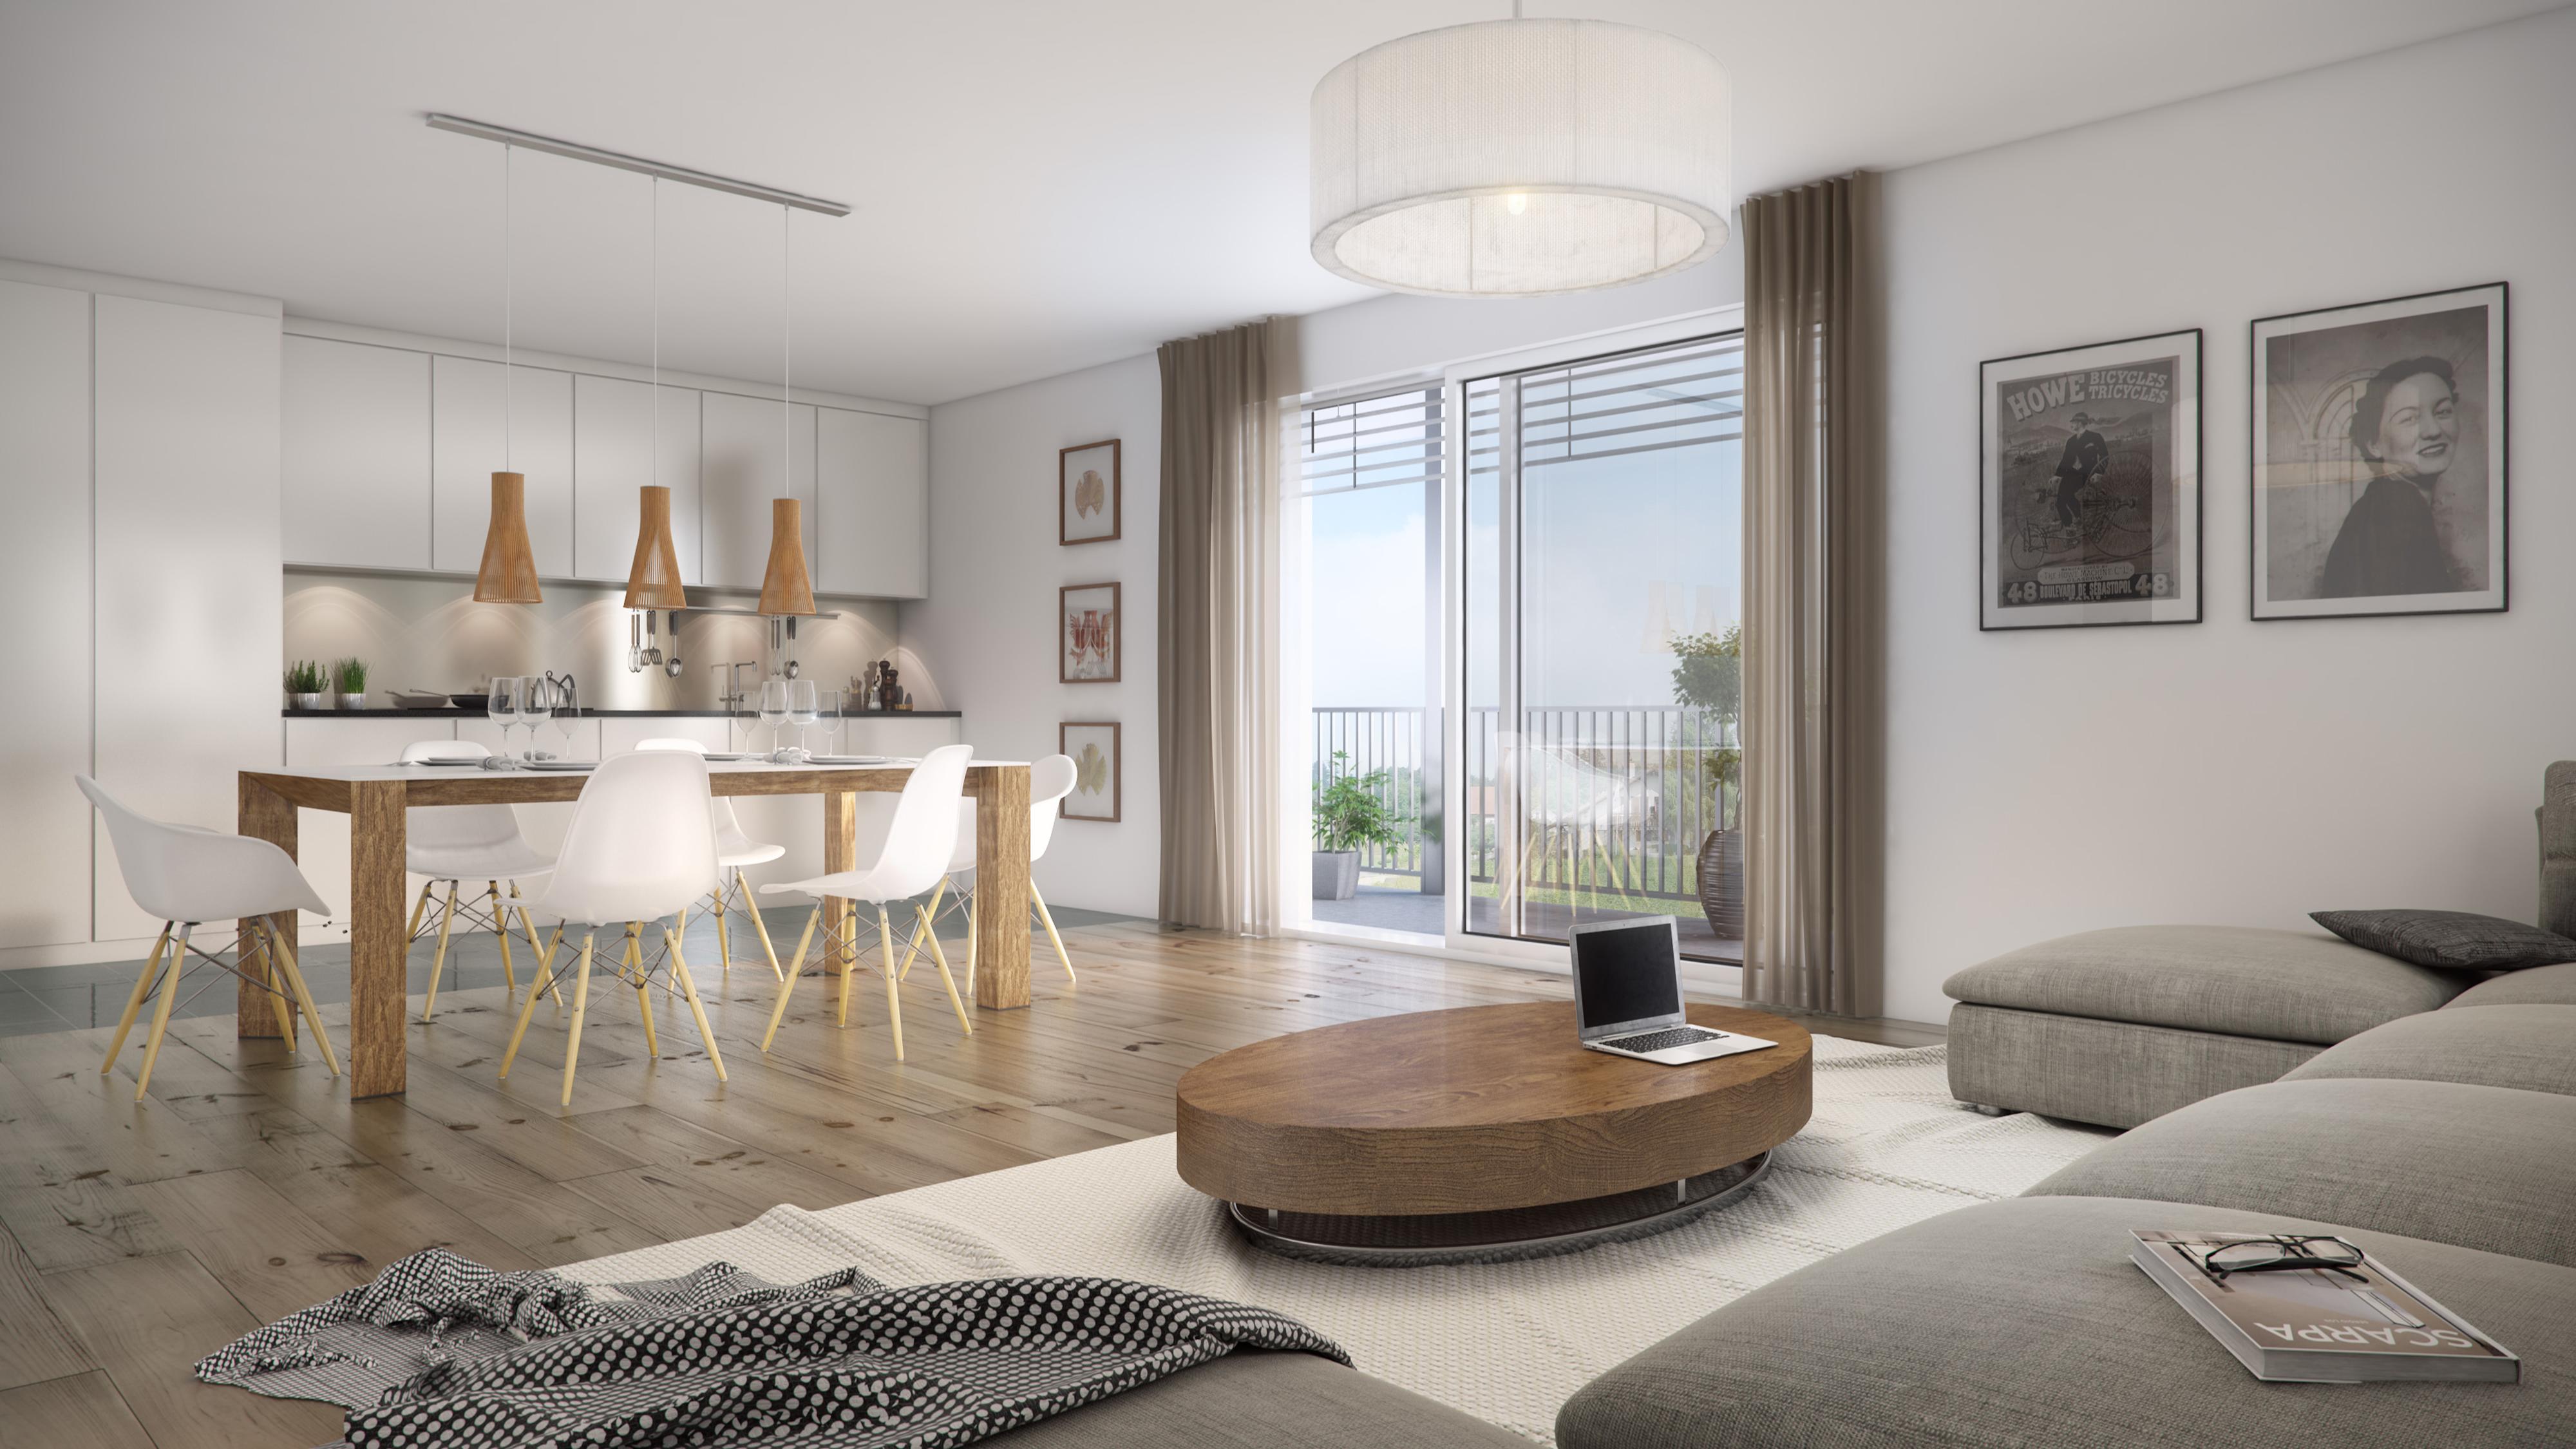 eigenheim-sunny-eigentumswohnung-einfamilienhaus-mehrfamilienhaus-dagmersellen-badezimmer-uffikon-wohntraeume-sonniges-wohnen-urban-gardening-mietwohnung-preiswert